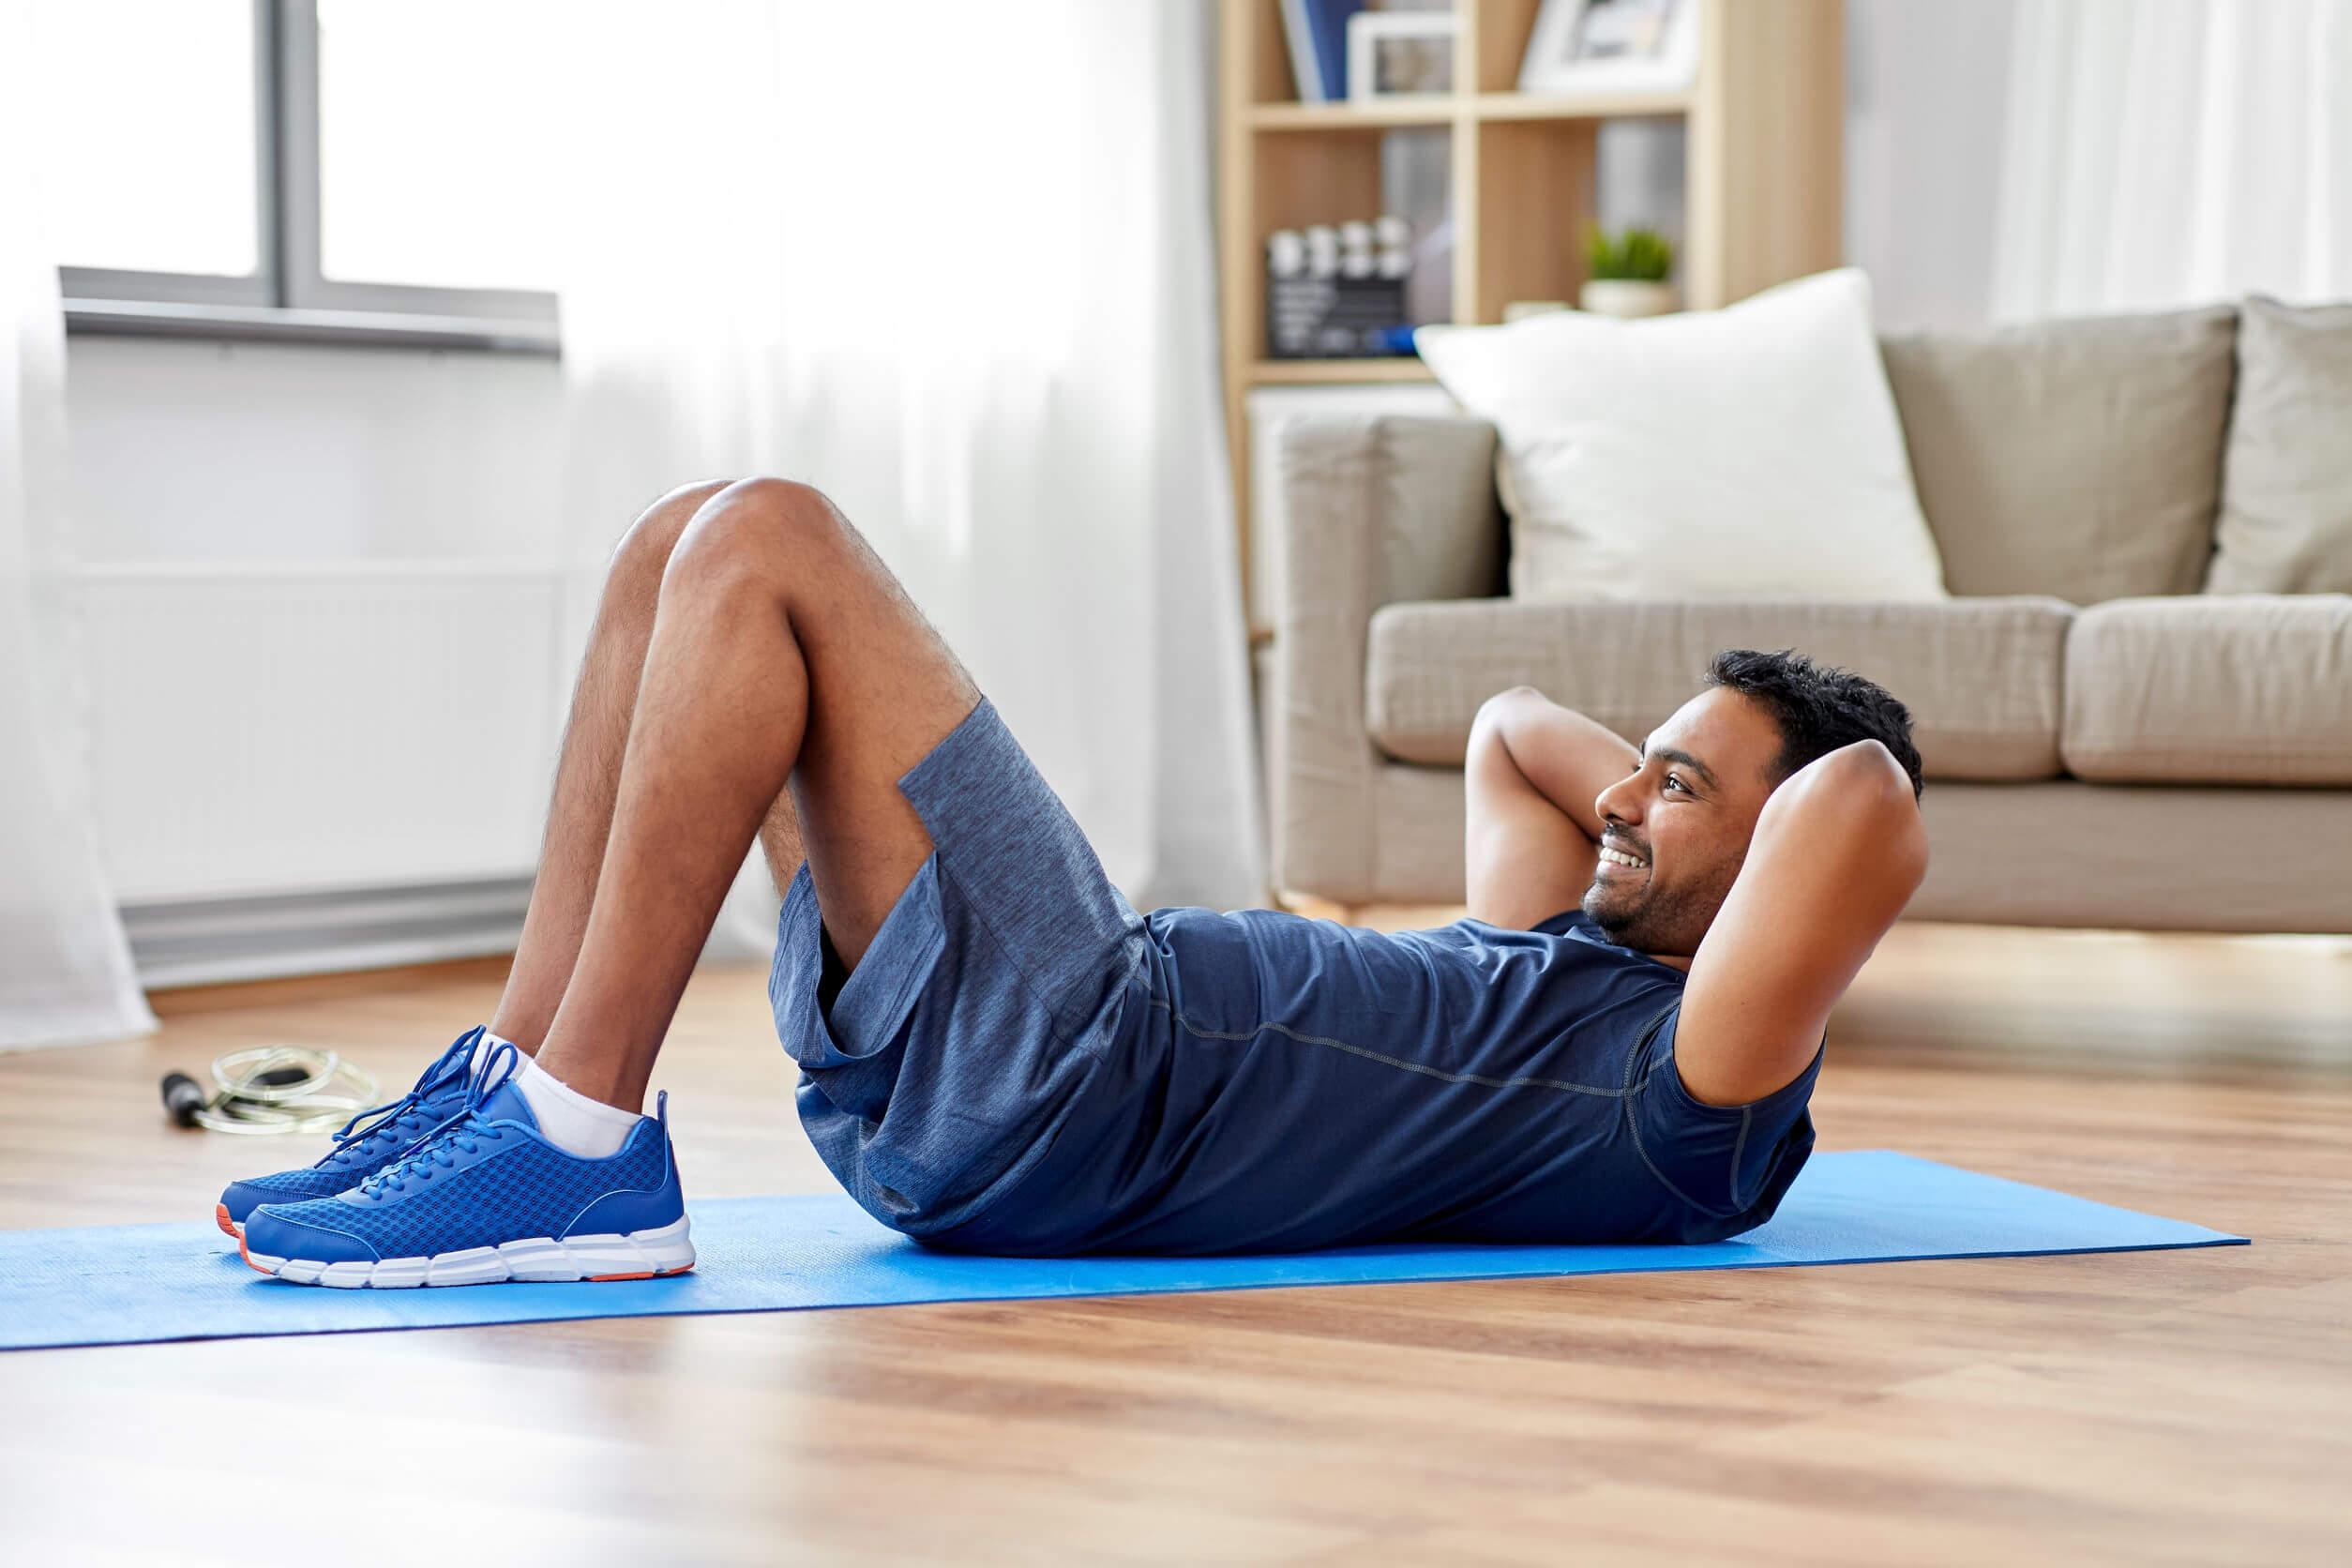 El hábito de comer harinas por la noche puede solucionarse con un poco de ejercicio al día.